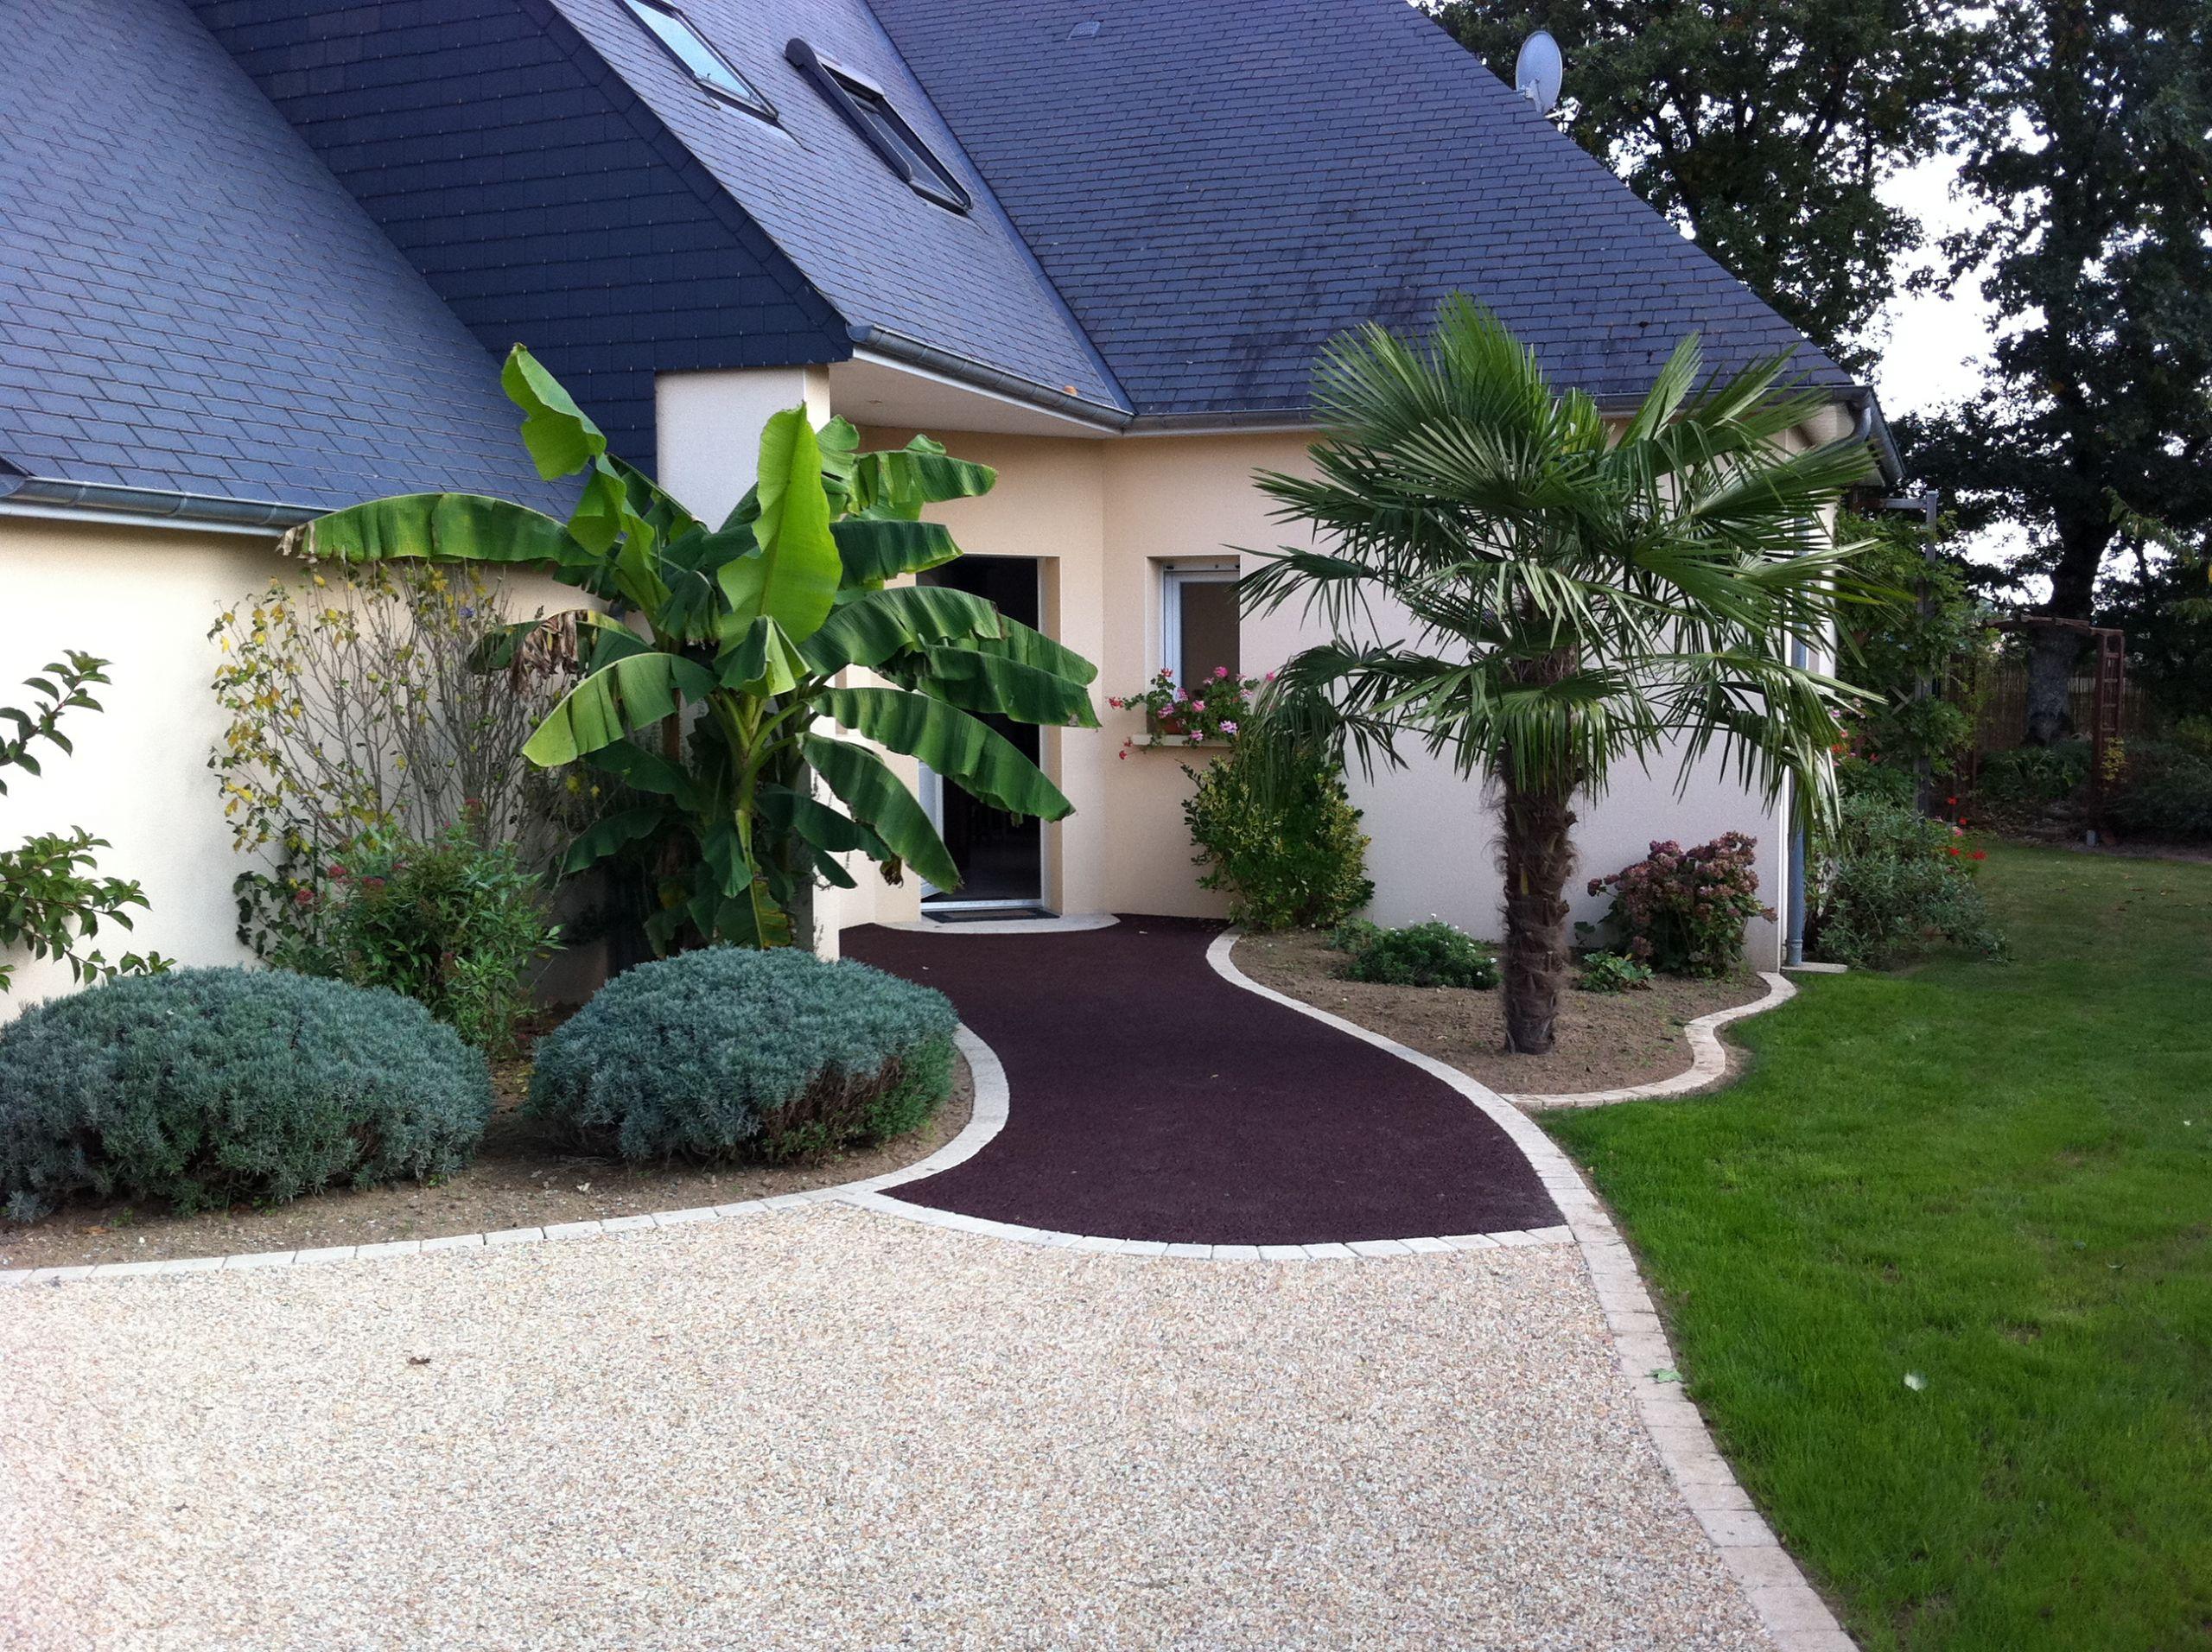 Aménagement Extérieur Devant Maison Amenagement Exterieur ... concernant Idee Amenagement Jardin Devant Maison